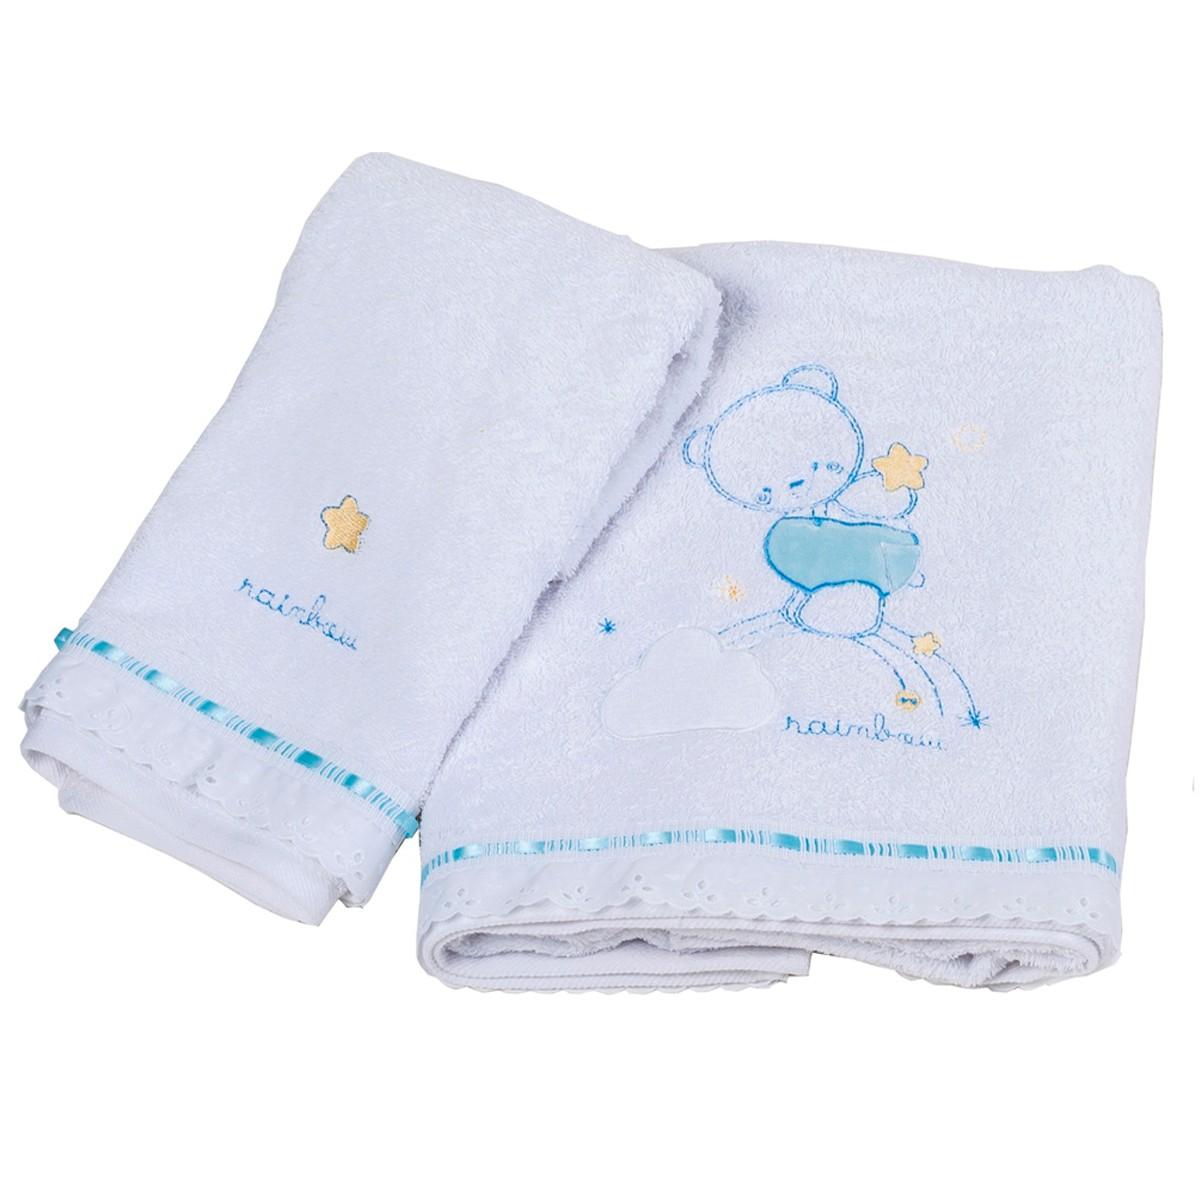 Βρεφικές Πετσέτες (Σετ 2τμχ) Κόσμος Του Μωρού Rainbow 0560 Σιέλ 74628